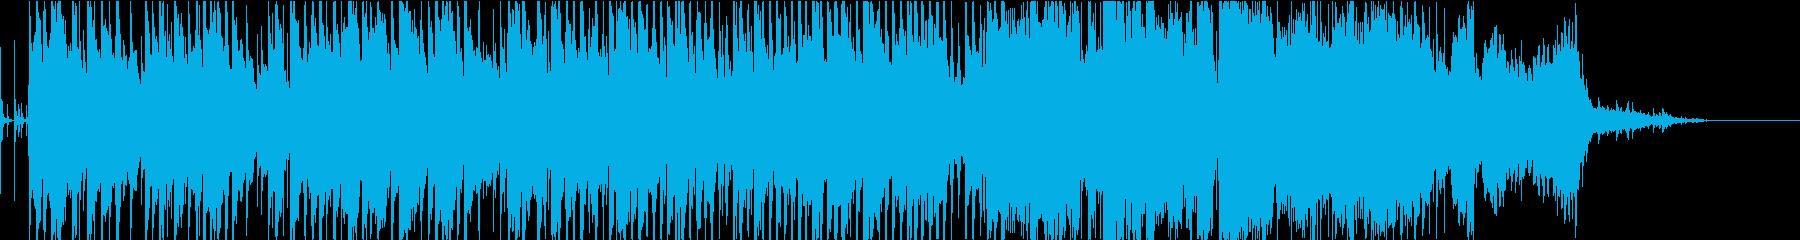 琴や笛を使用した穏やかな曲です。の再生済みの波形